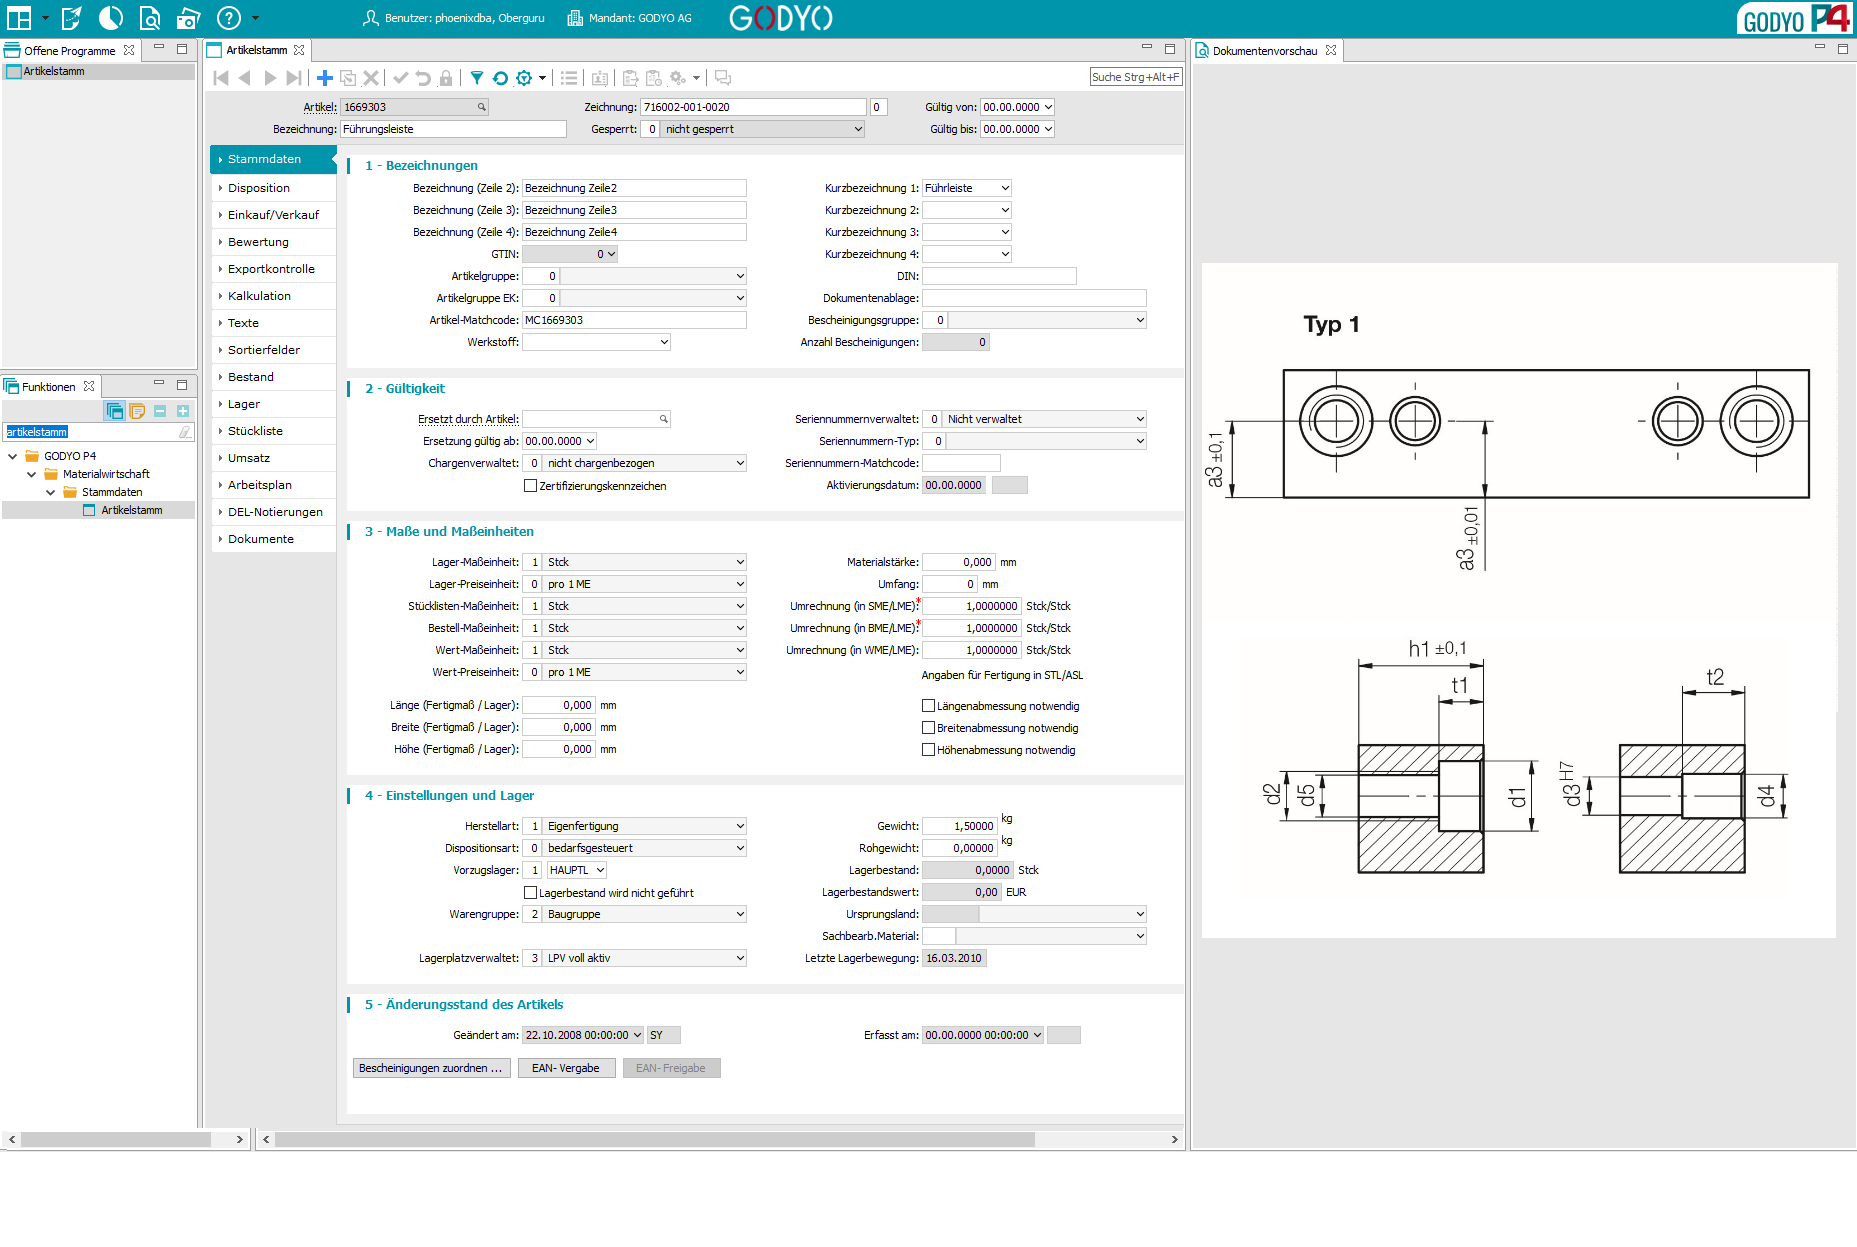 GODYO P4 DMS-Vorschau | Vollständiges Dokumentenmanagementsystem mit Integration ins ERP-System